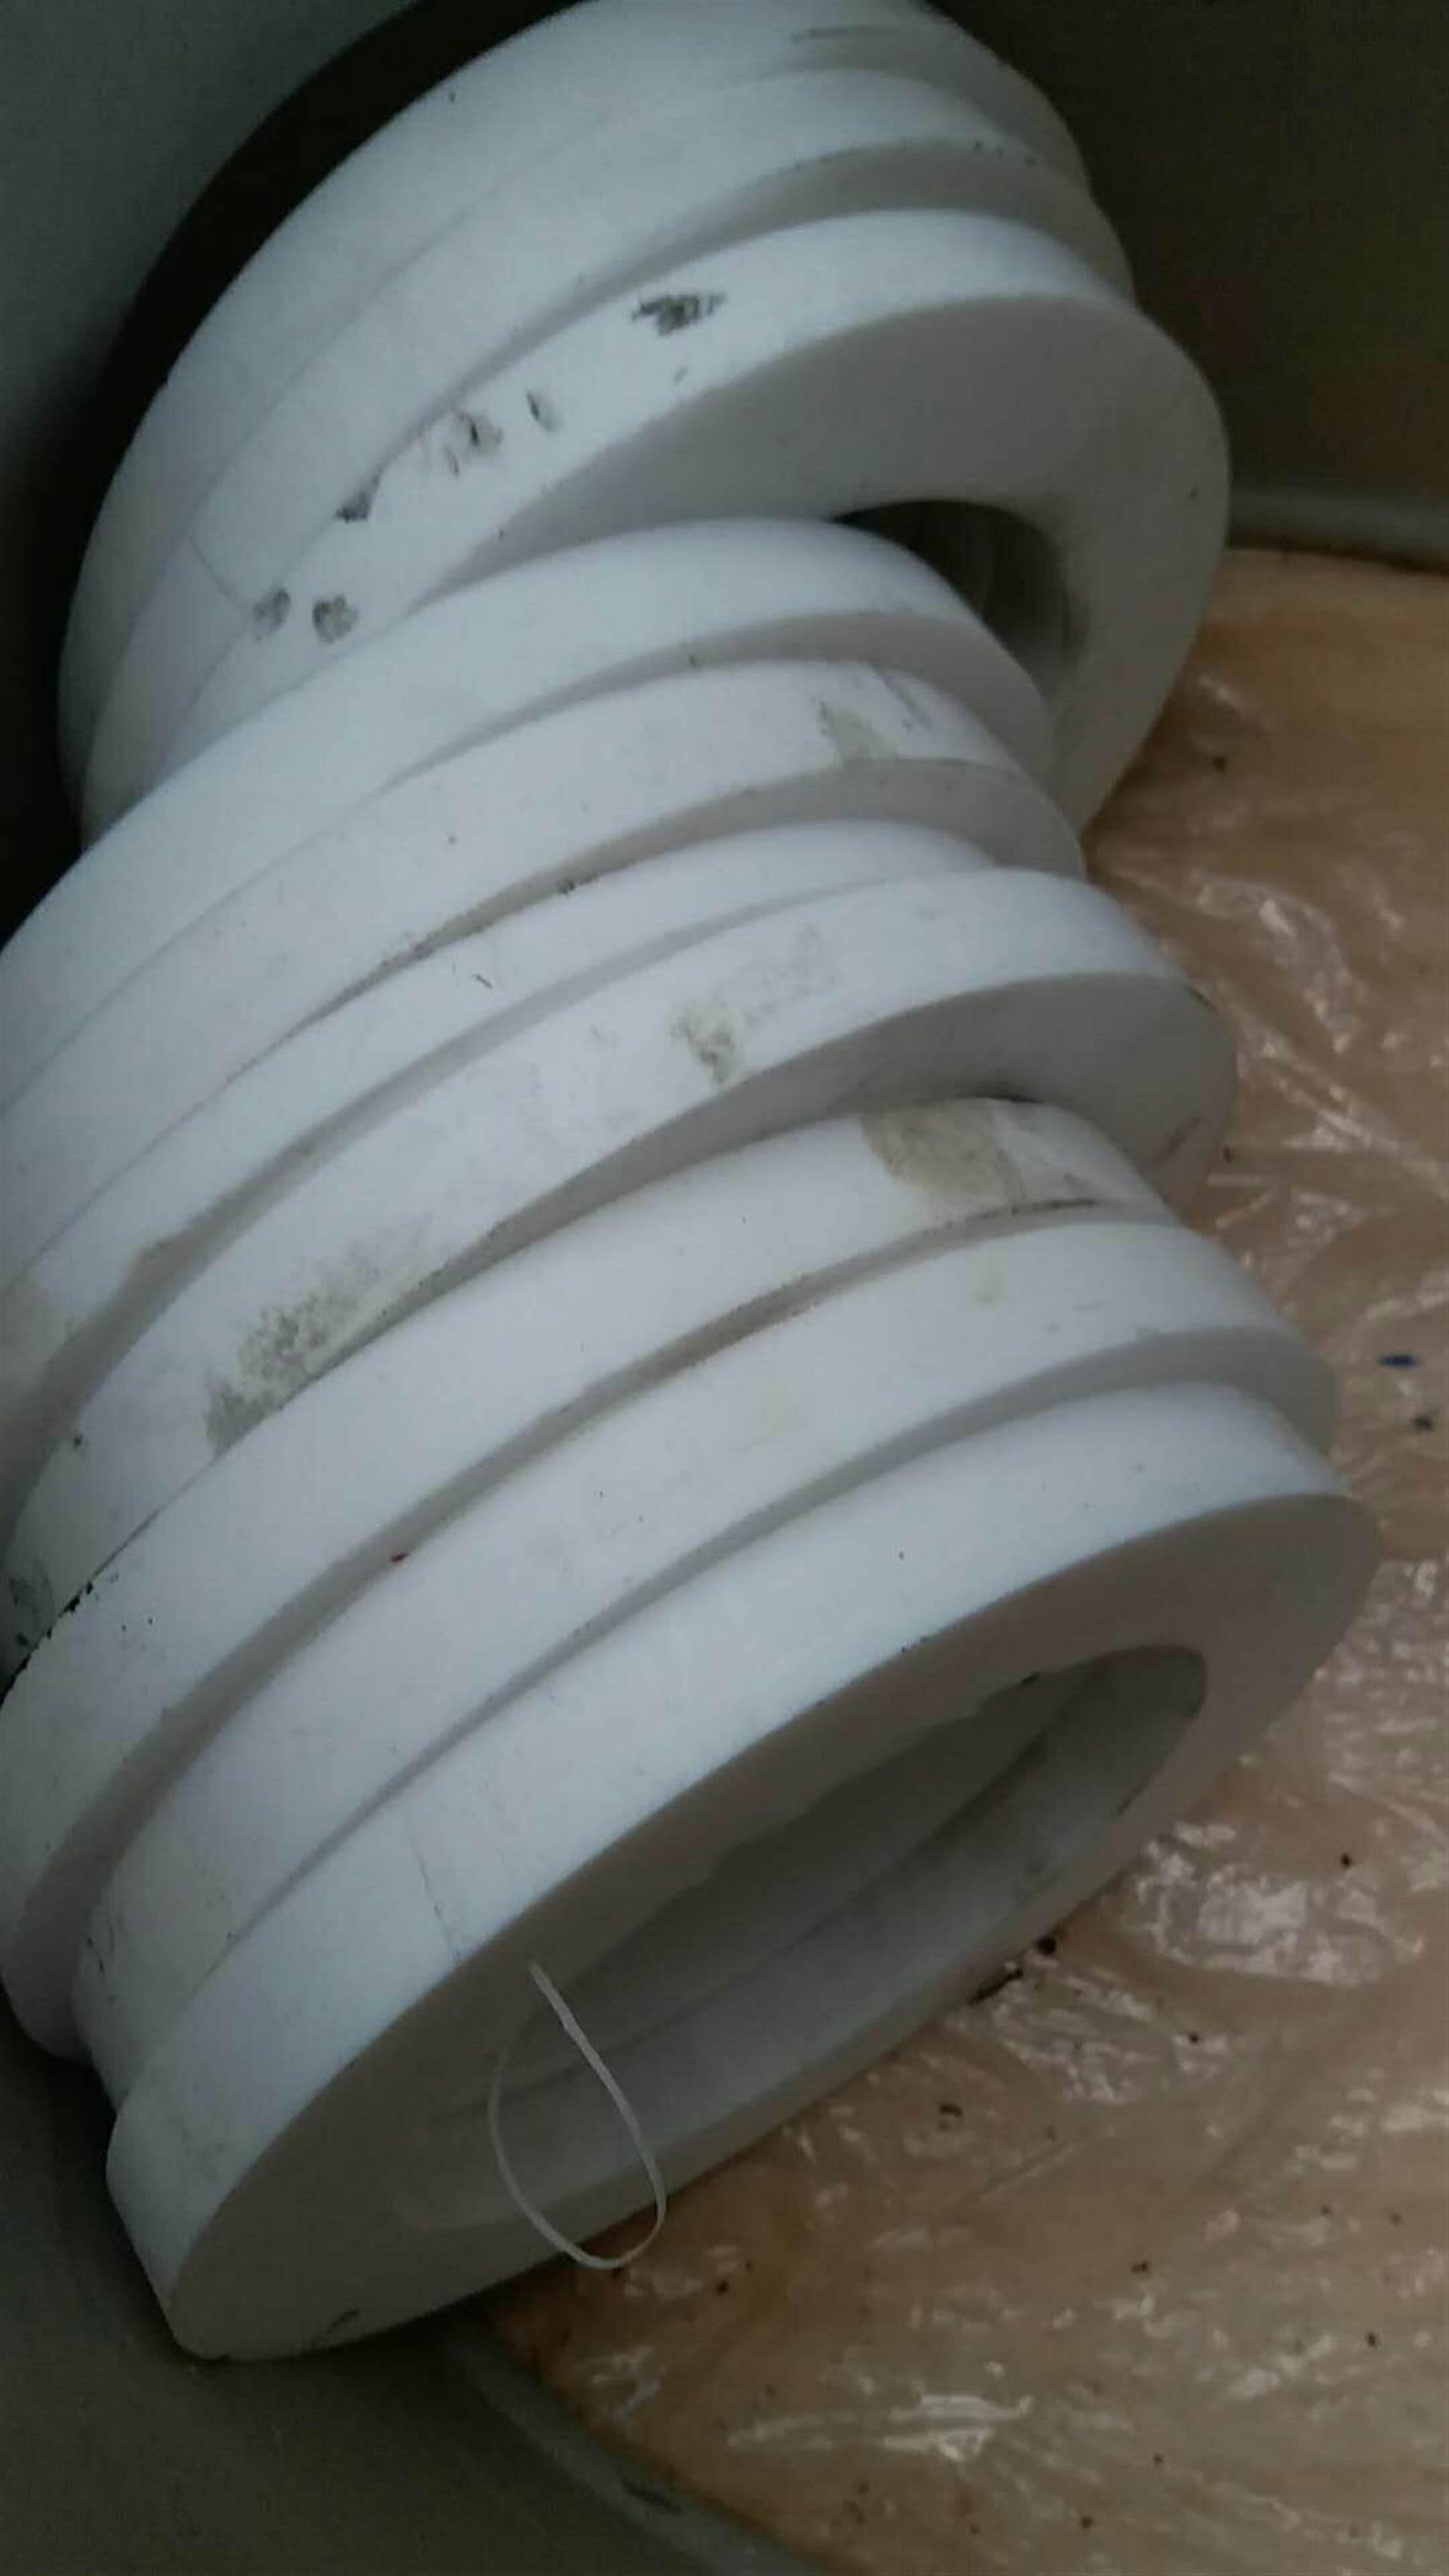 深圳宝安区PEEK回收厂家,铁氟龙薄膜回收价格多少钱